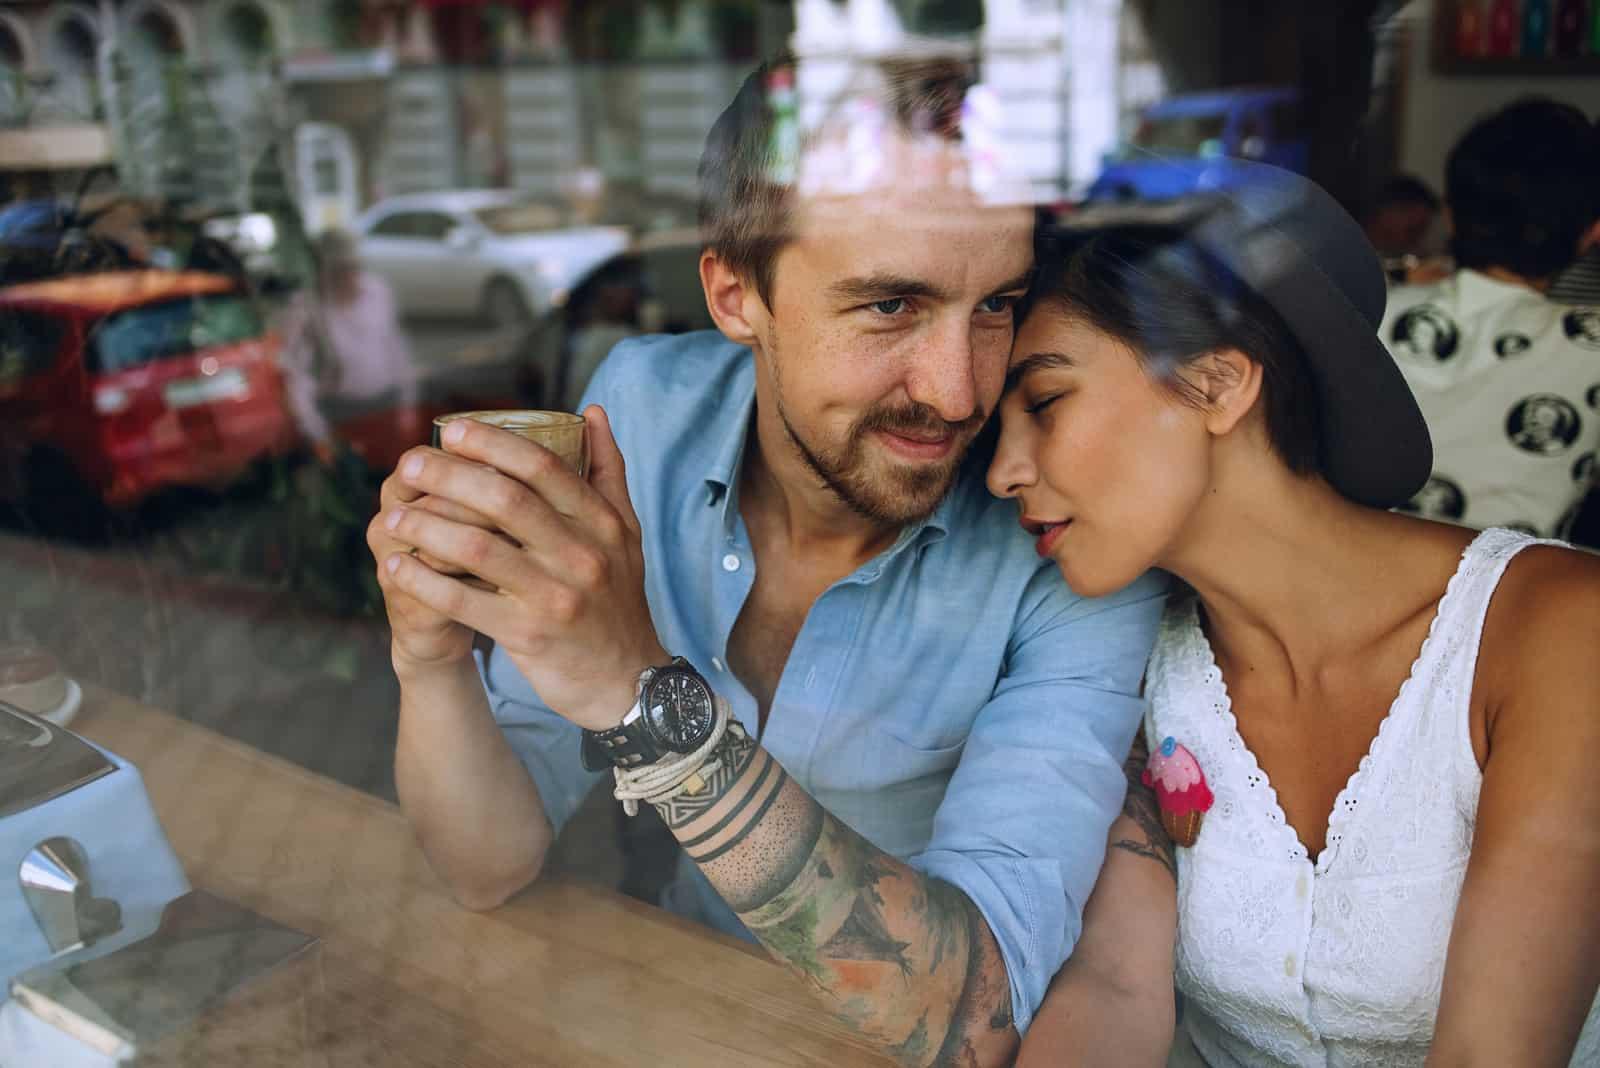 Paar ruht im Café hinter dem Fenster am sonnigen Tag